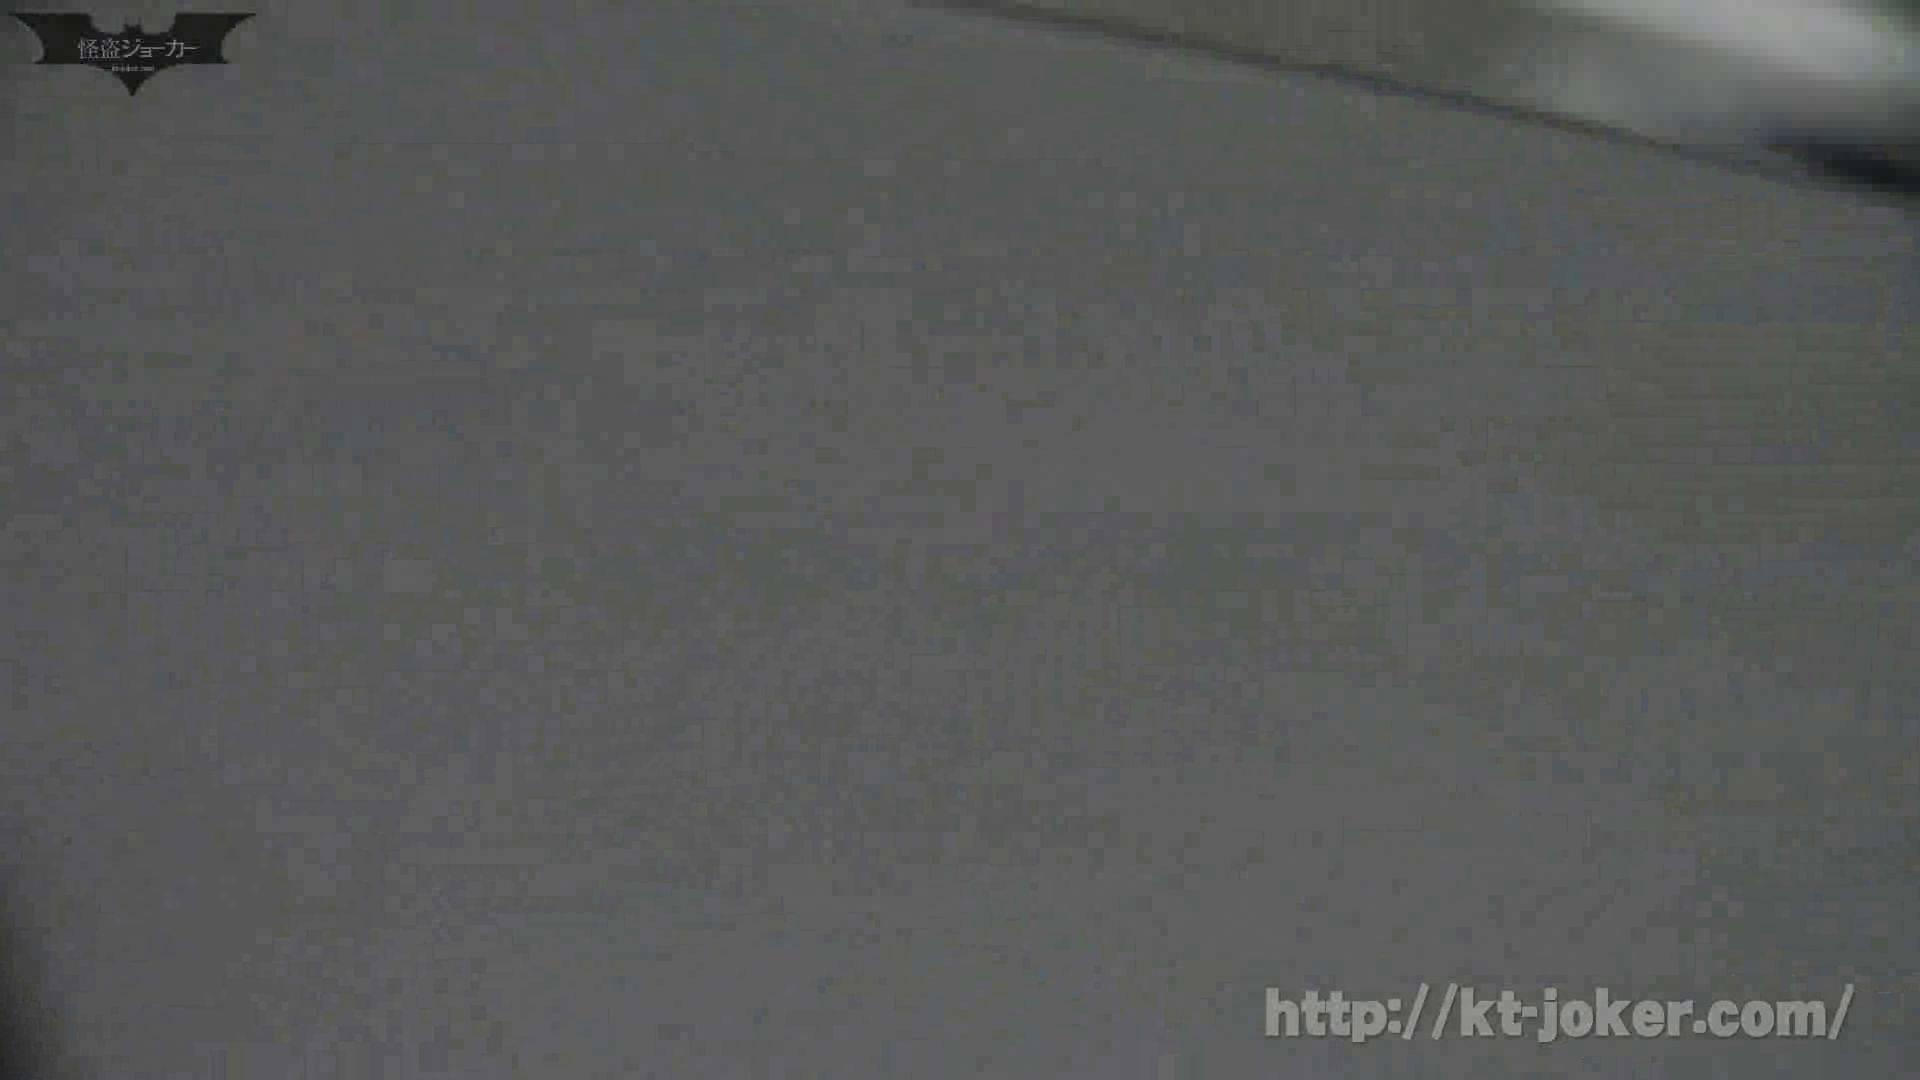 命がけ潜伏洗面所! vol.51 エロすぎる捻り? プライベート 盗撮ヌード画像 108画像 14